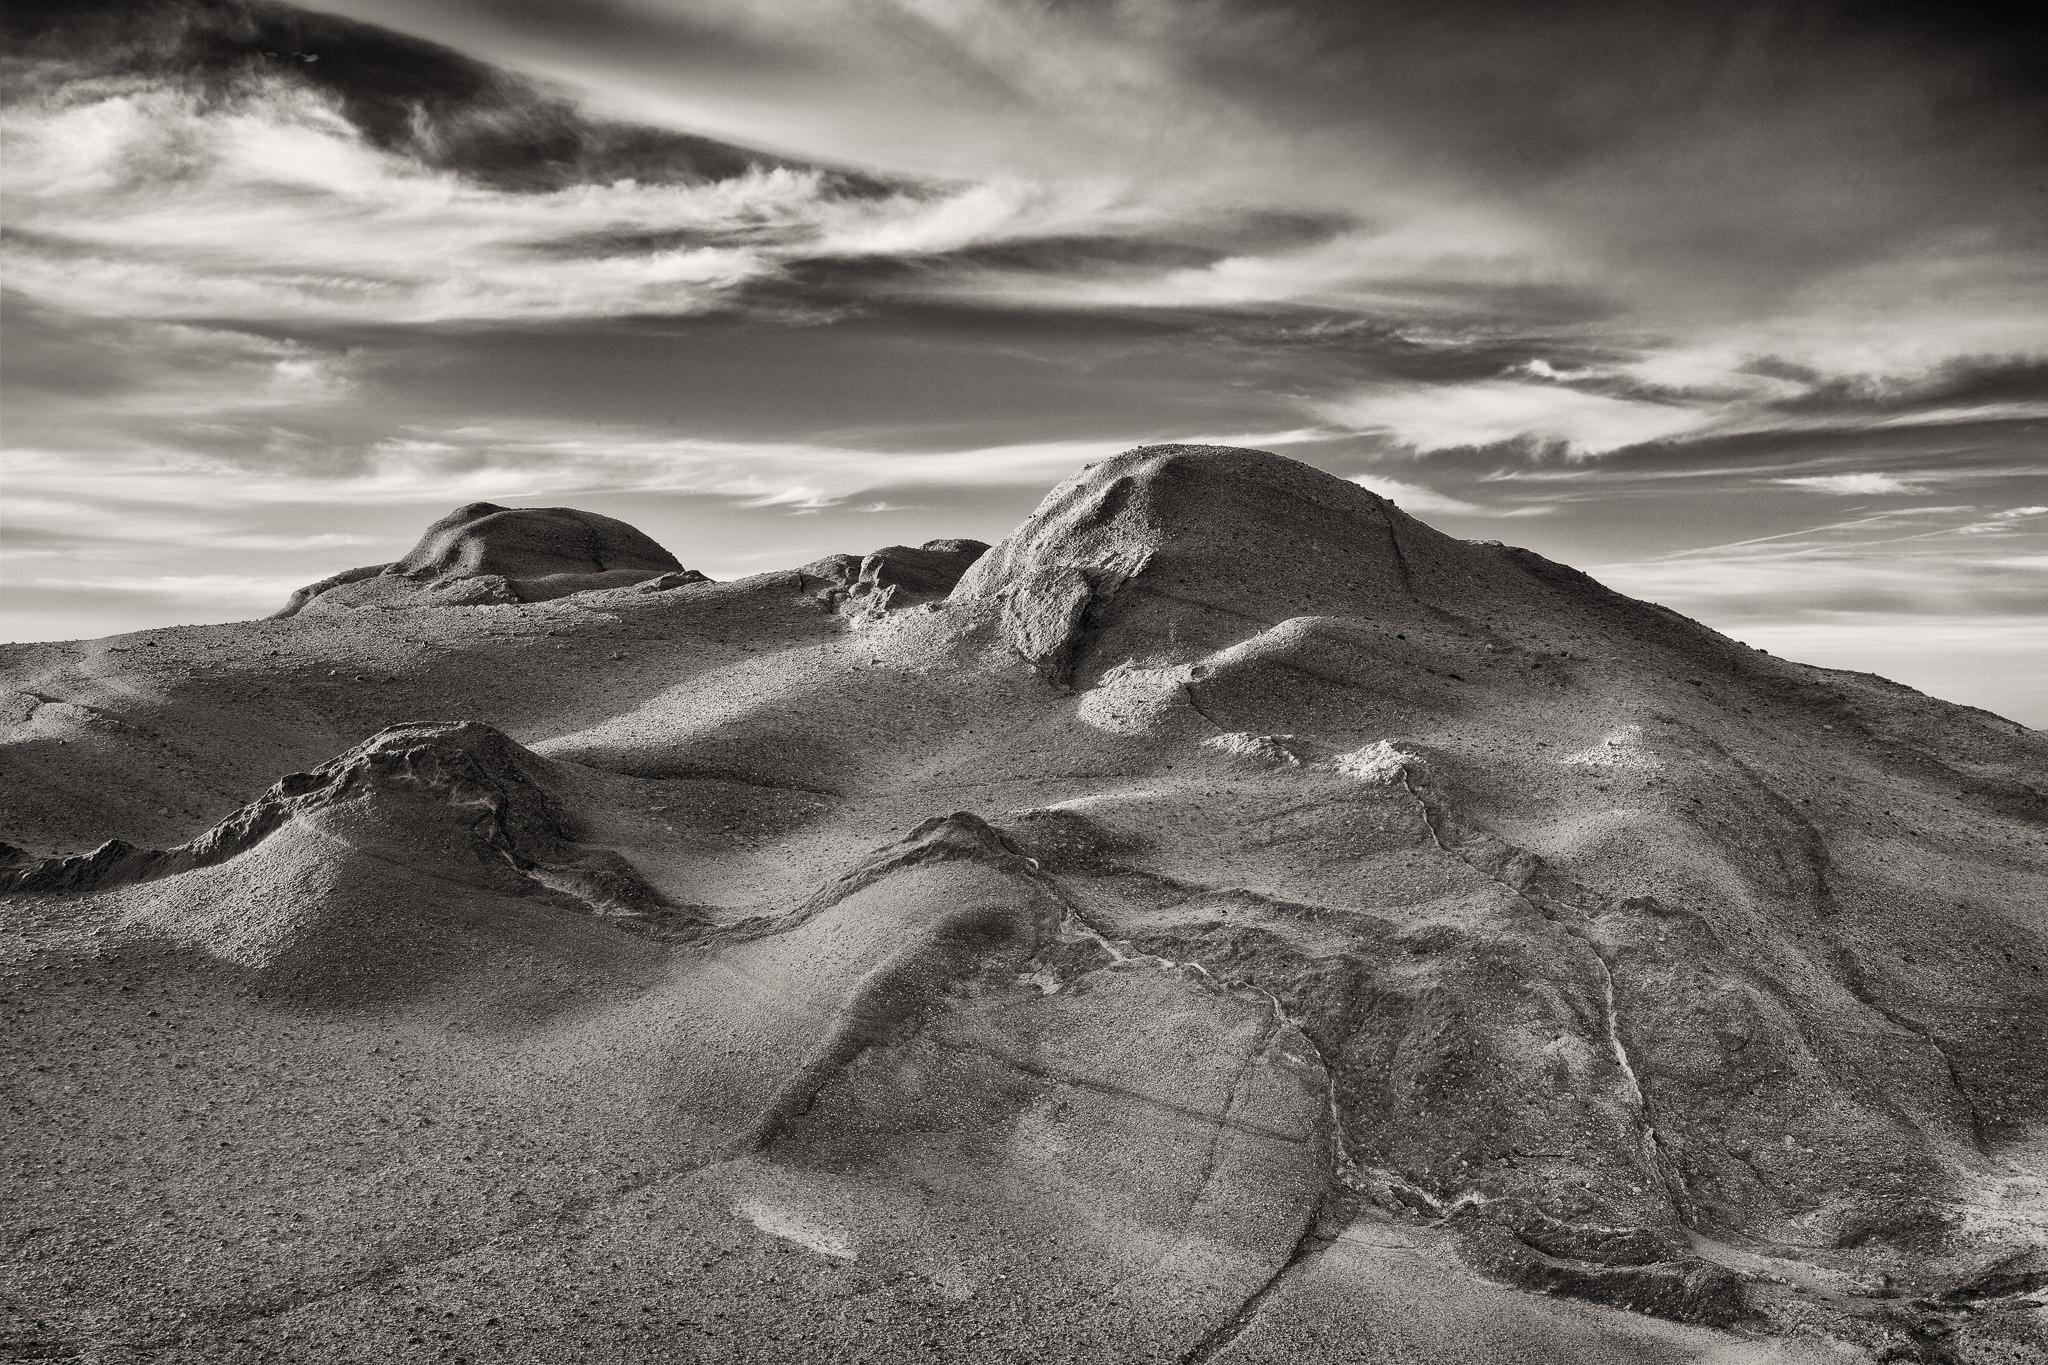 Milos landscapes IV - Milos